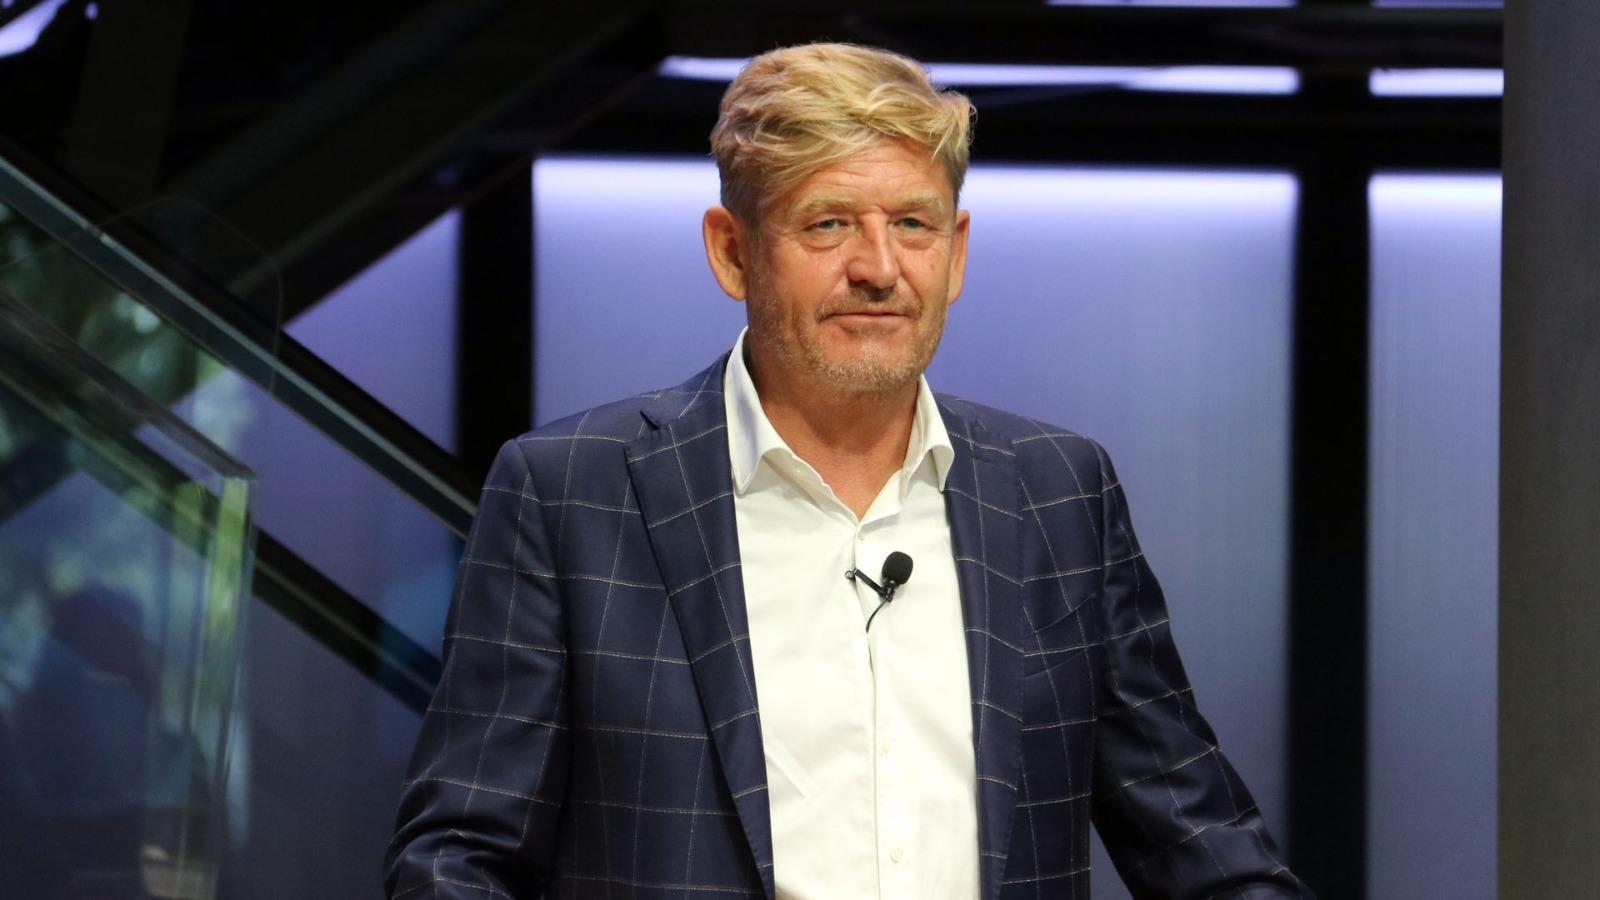 Quim Torra obre el debat al Parlament, Wayne Griffiths serà el nou president de Seat i últim dia per a la recollida de firmes a la moció de censura a Bartomeu, al Barça: les claus del dia, amb Antoni Bassas (16/09/2020)